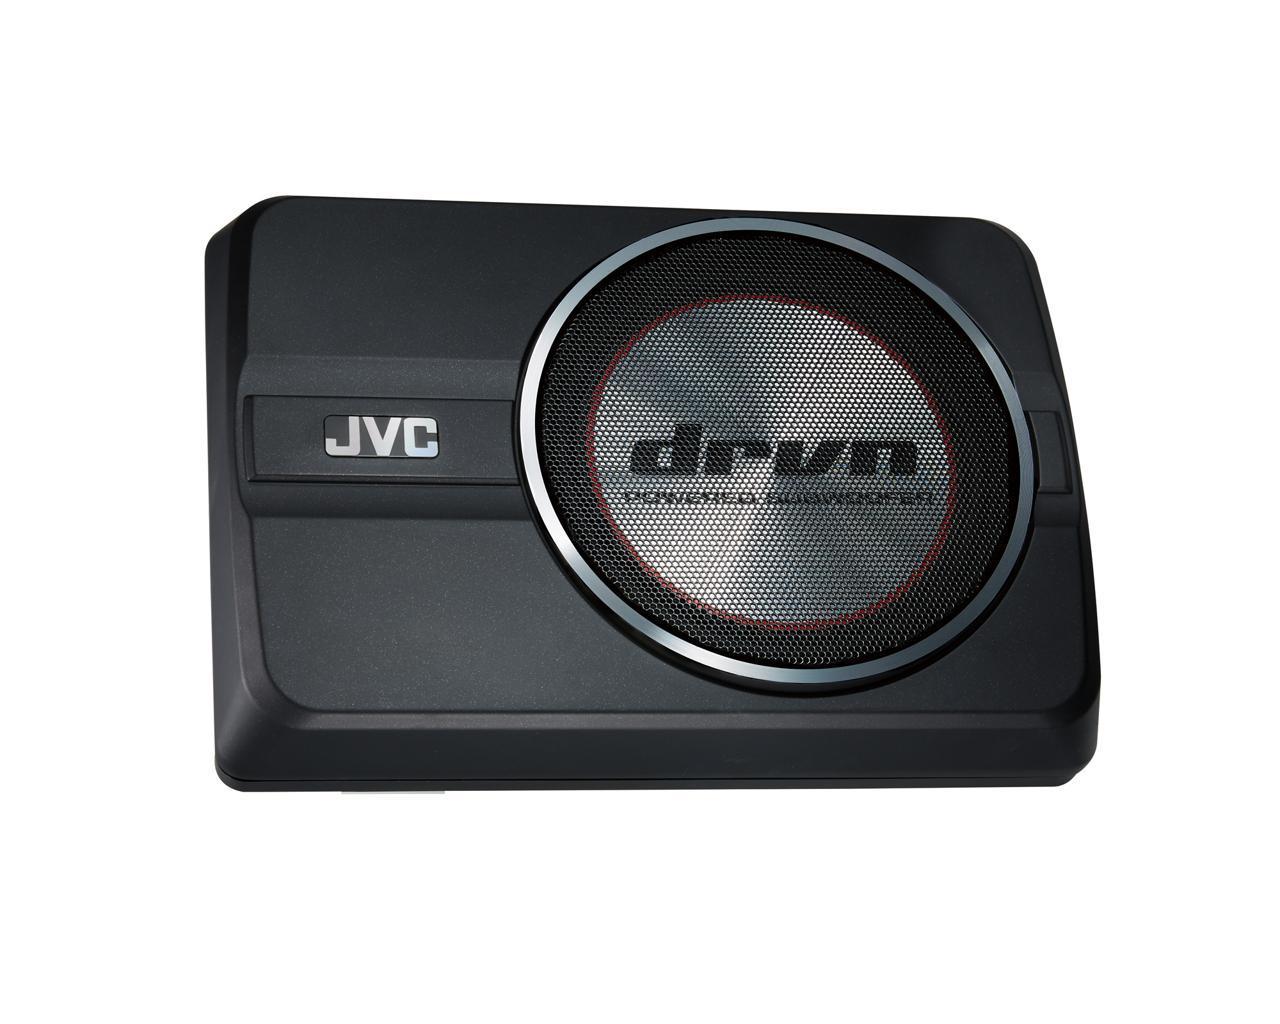 Active subwoofer CW-DRA8 JVC CW-DRA8 original quality